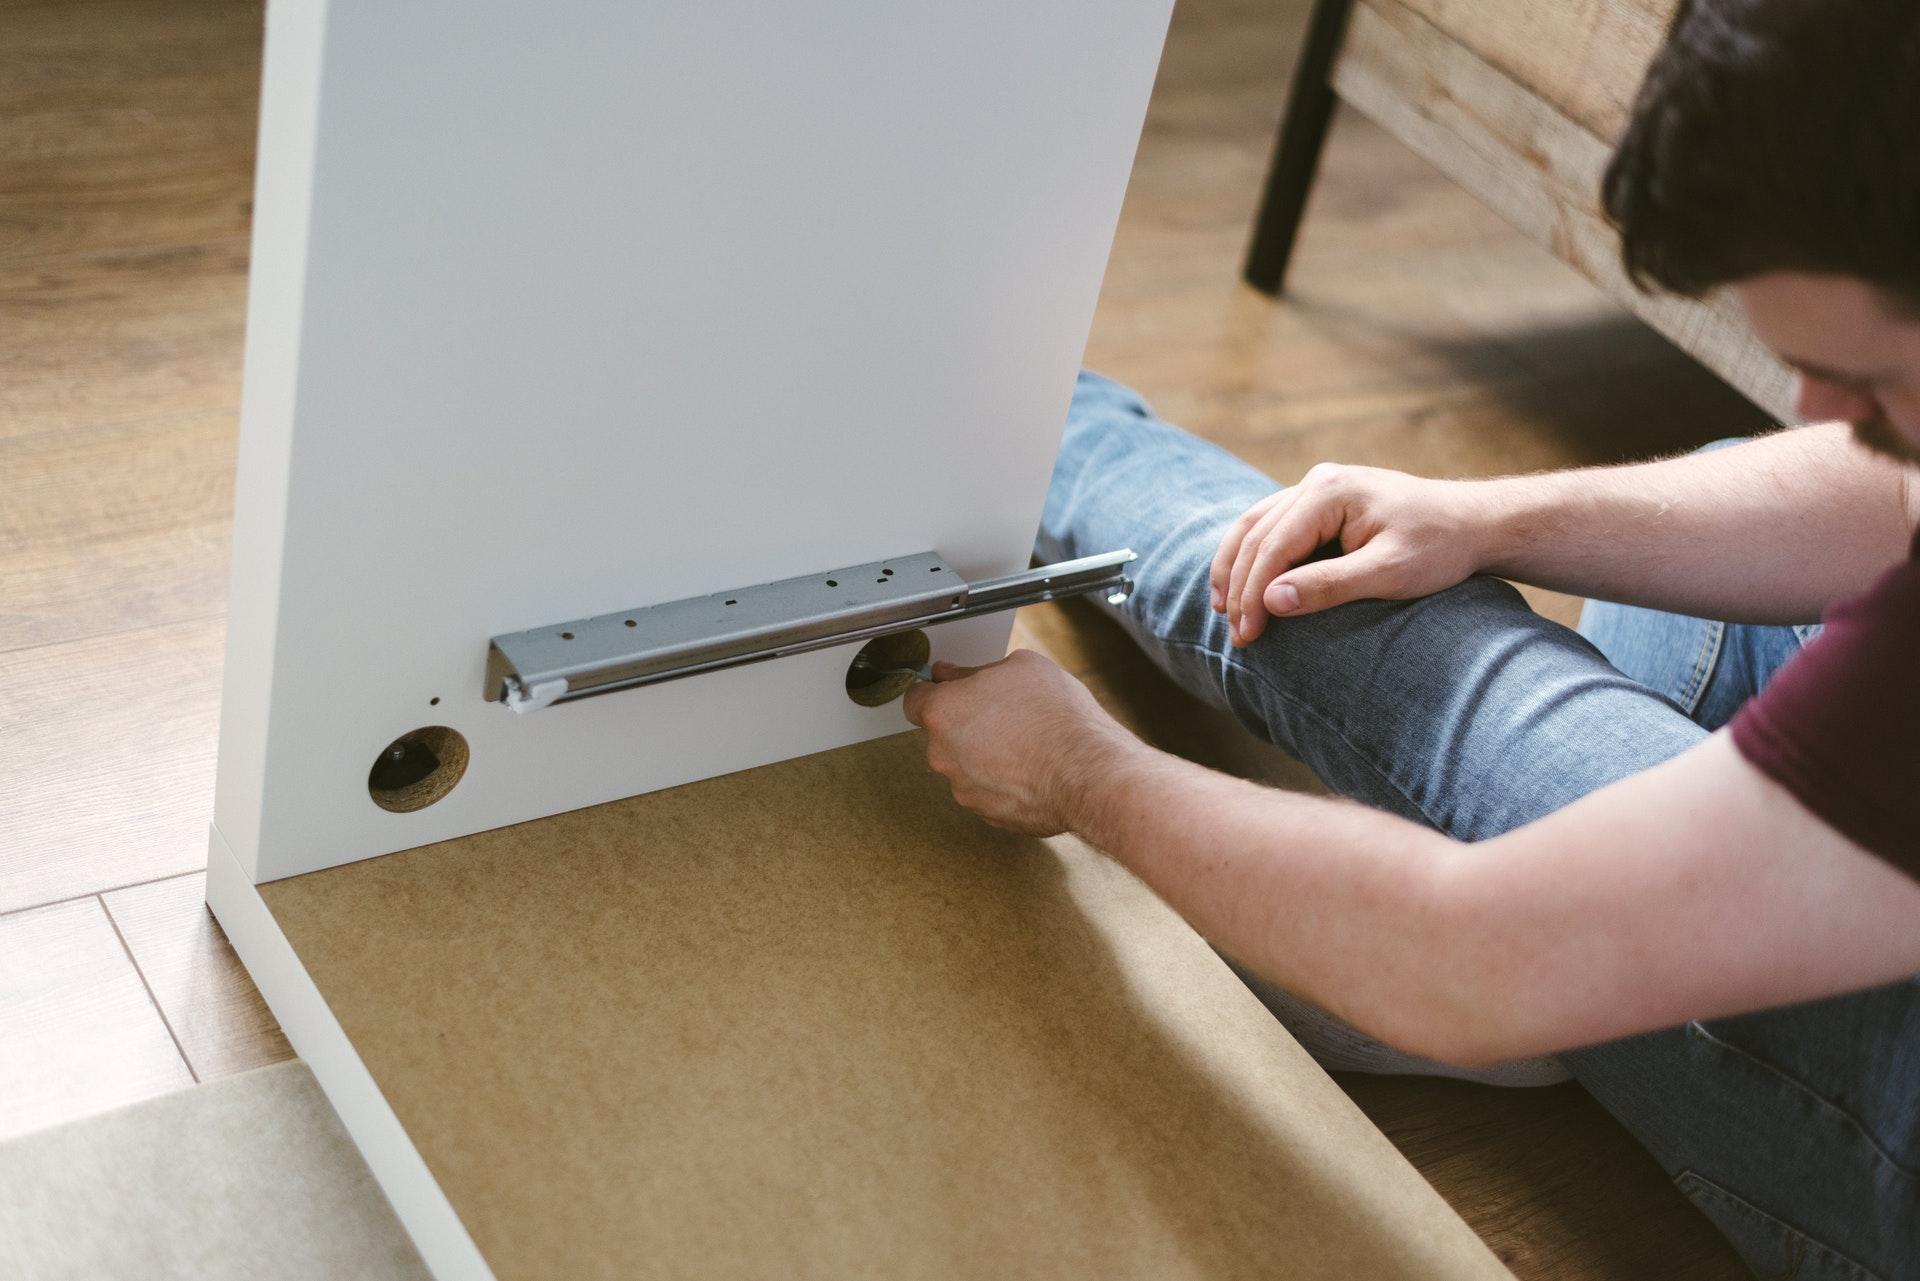 man repairs cabinet